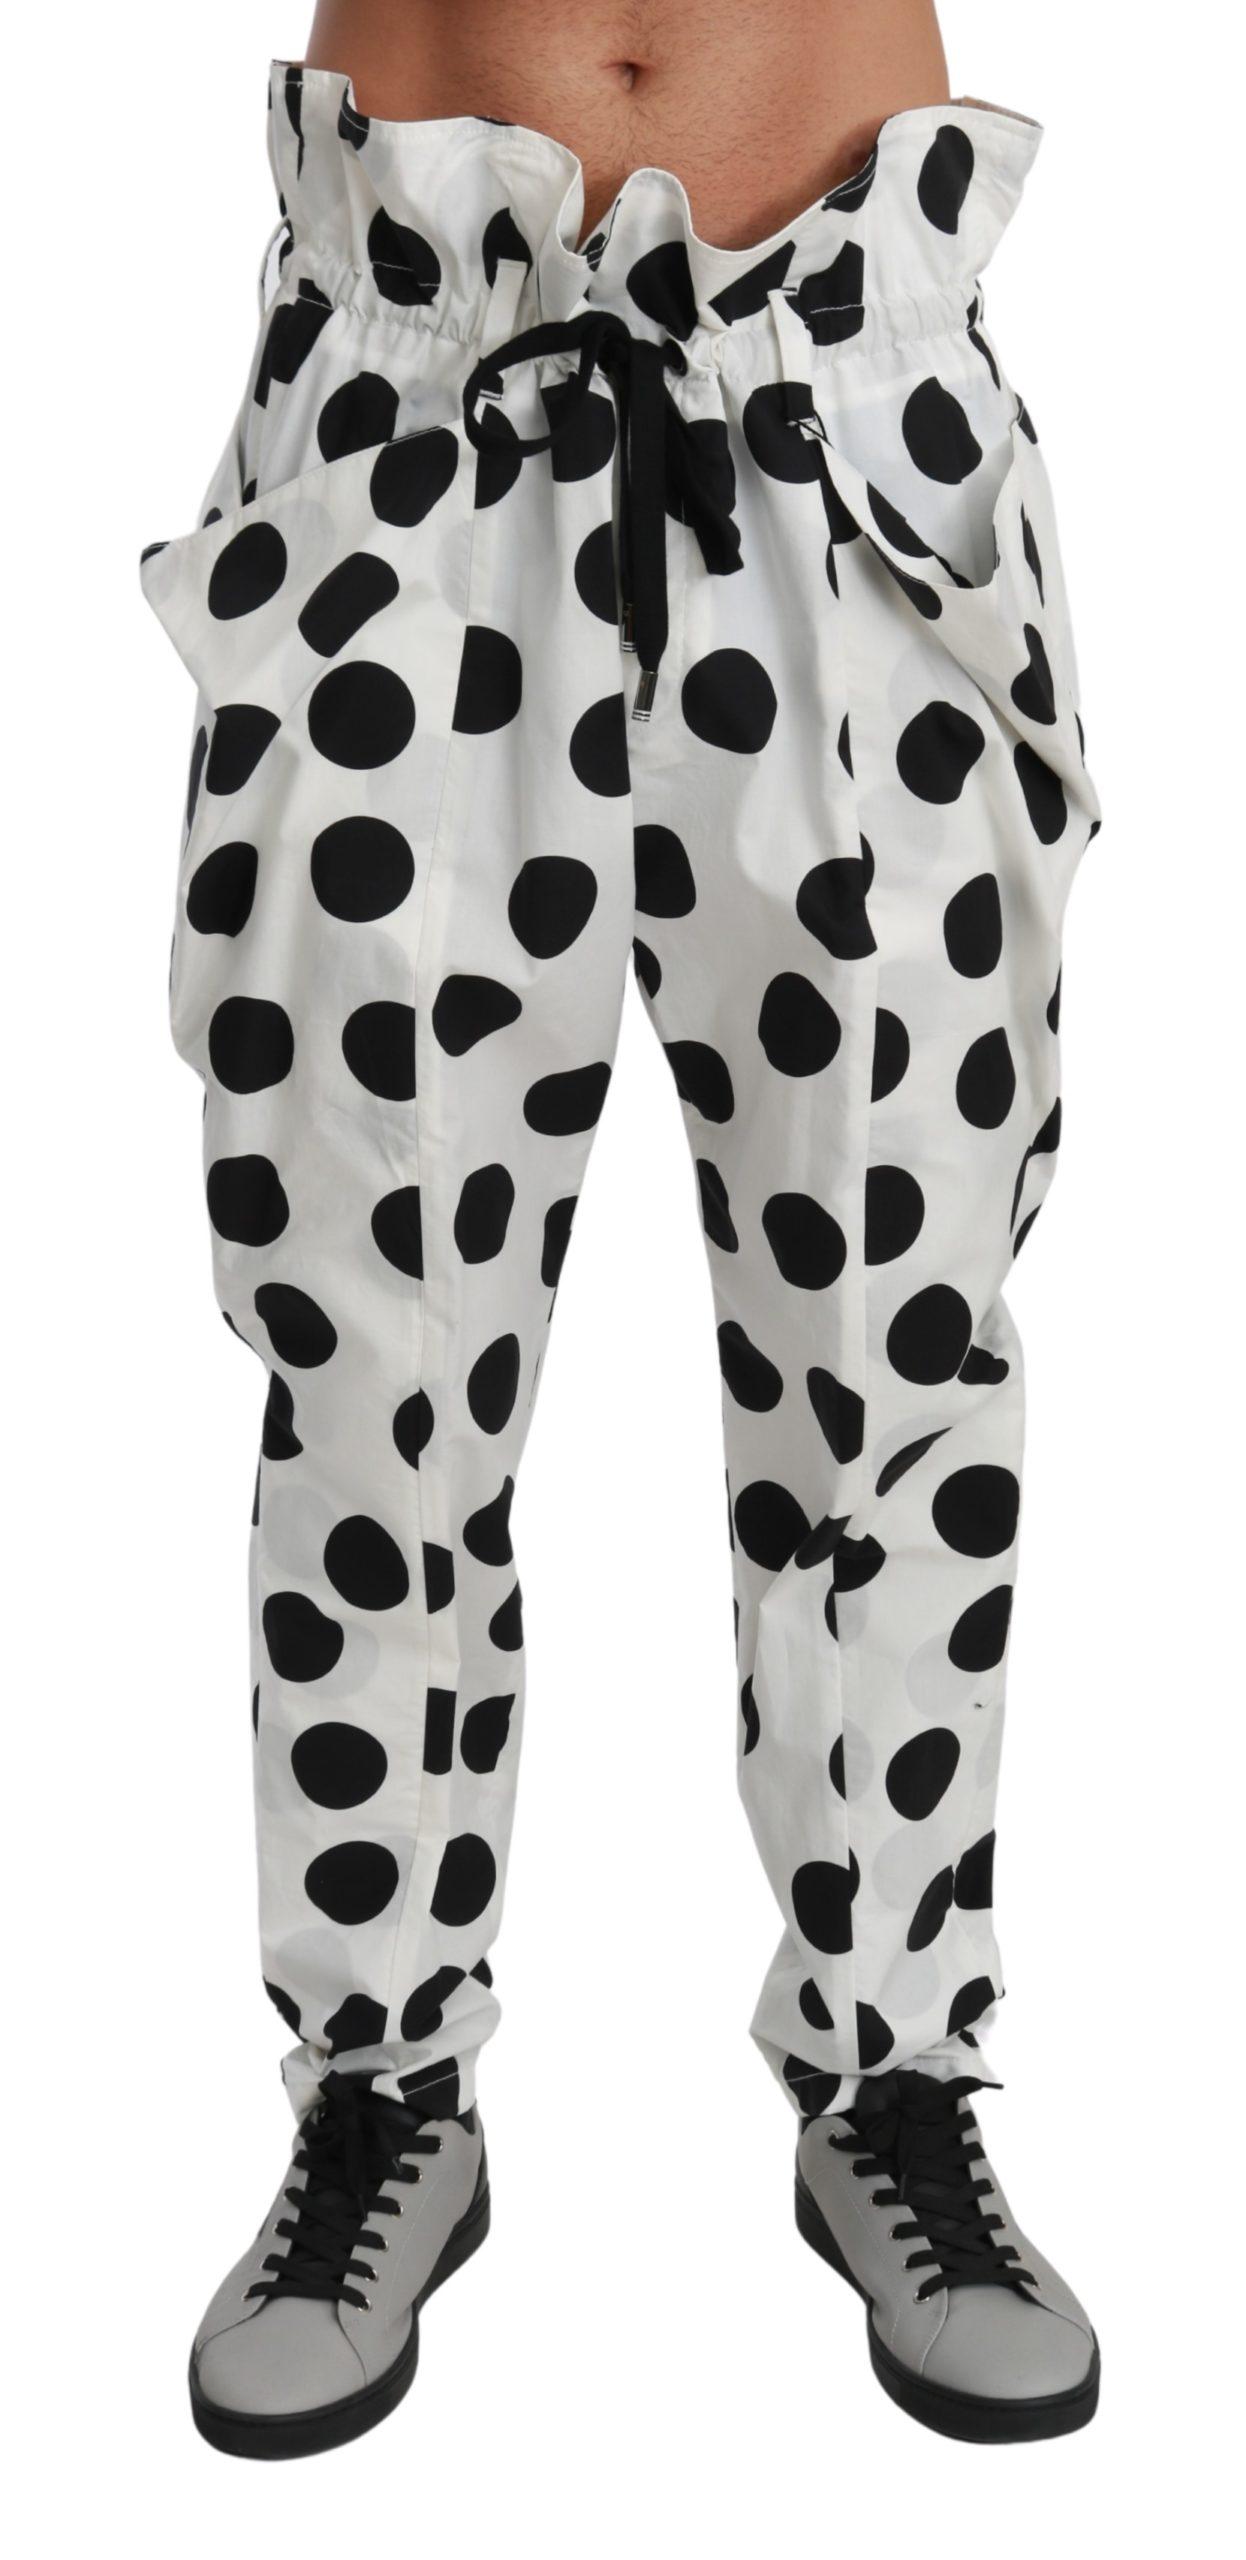 Dolce & Gabbana Men's Polka Dots Jodhpur Cotton Trouser White PAN71025 - IT48 | M